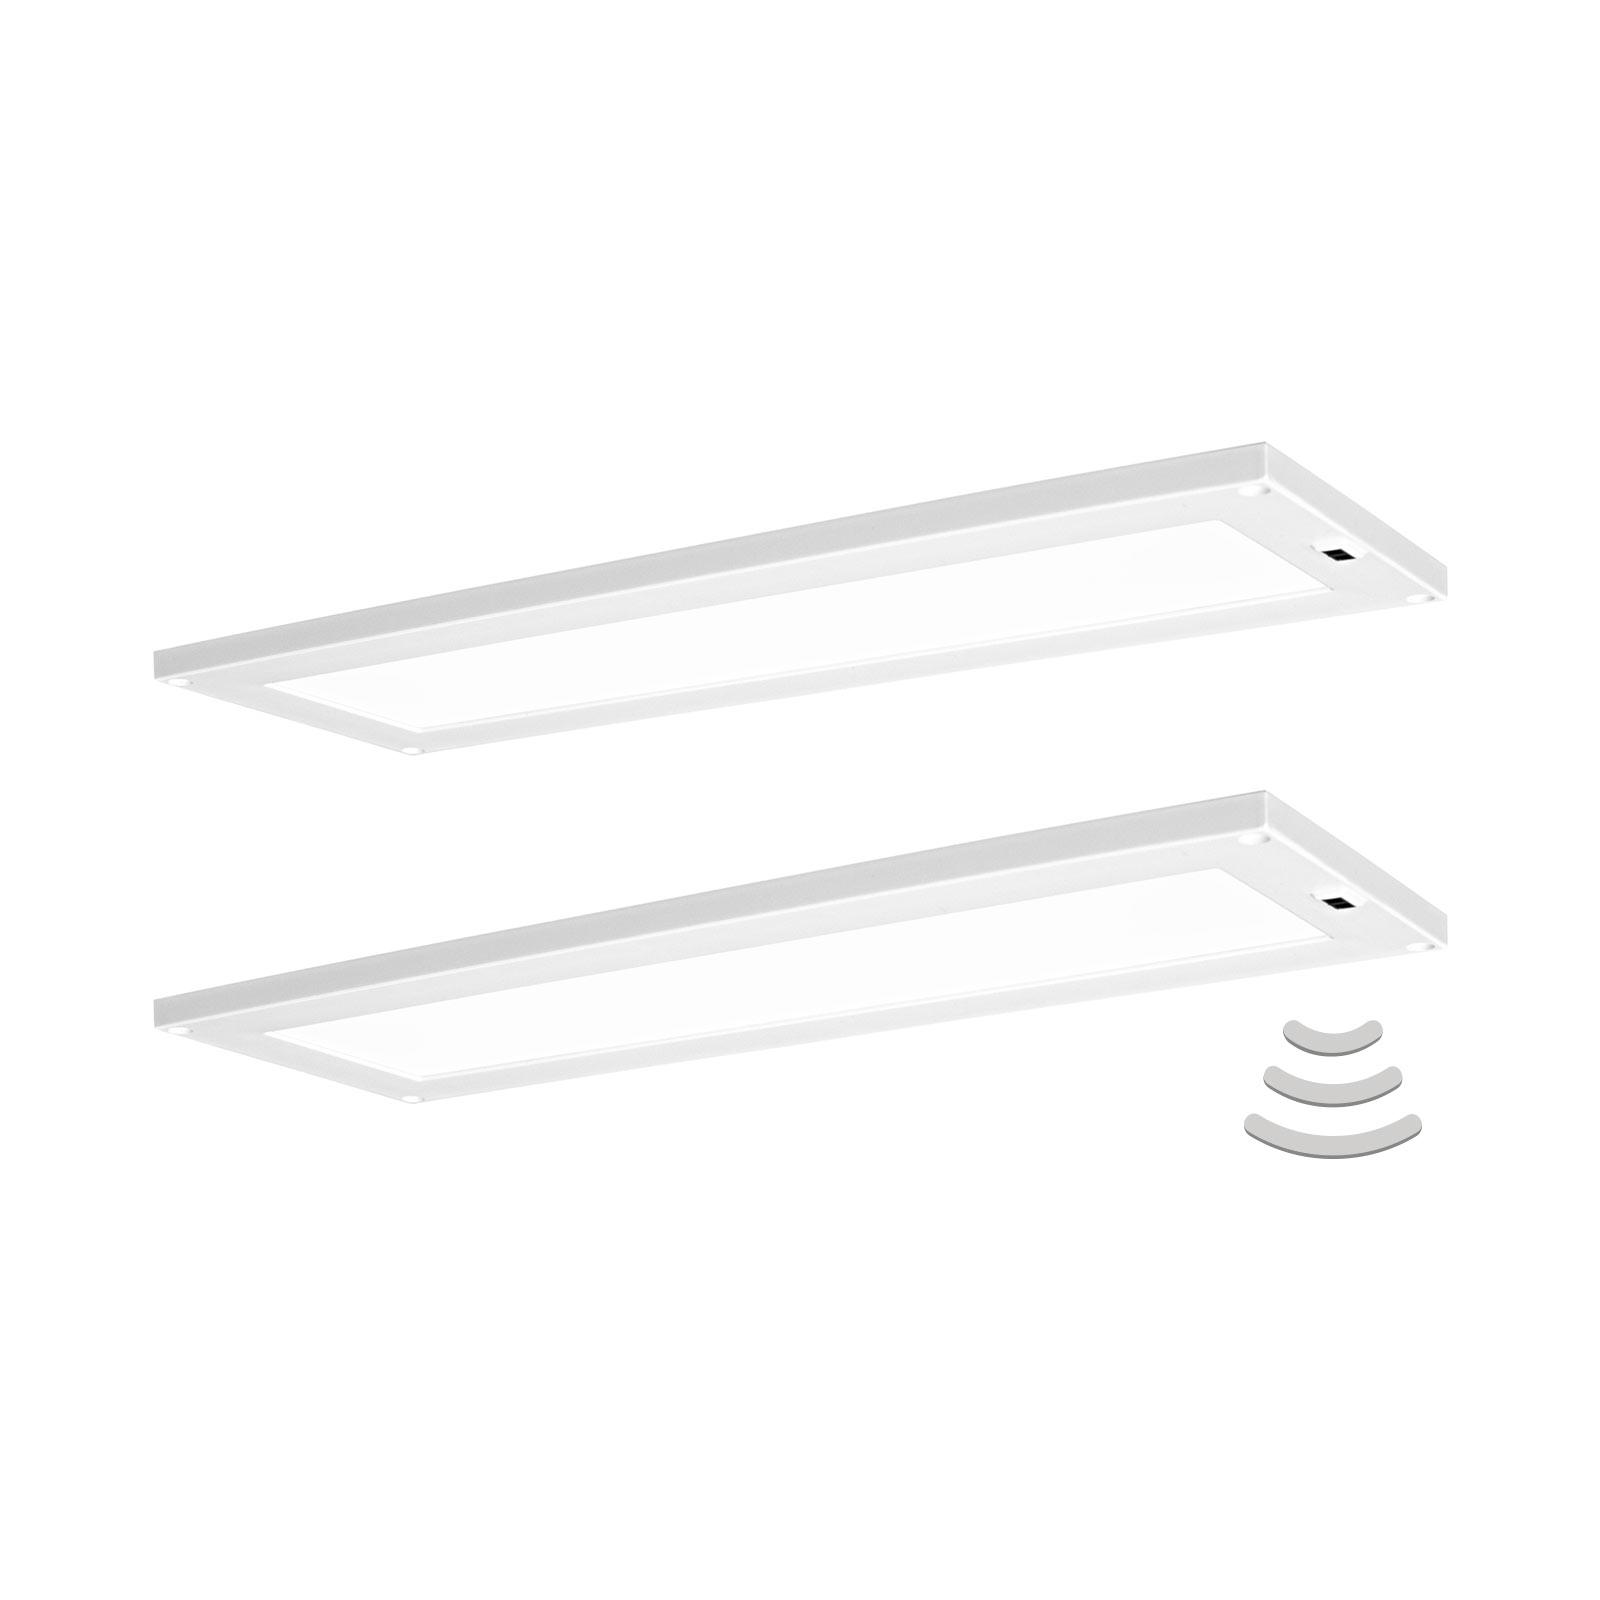 LEDVANCE Cabinet Panel til underskab 30x10cm 2stk